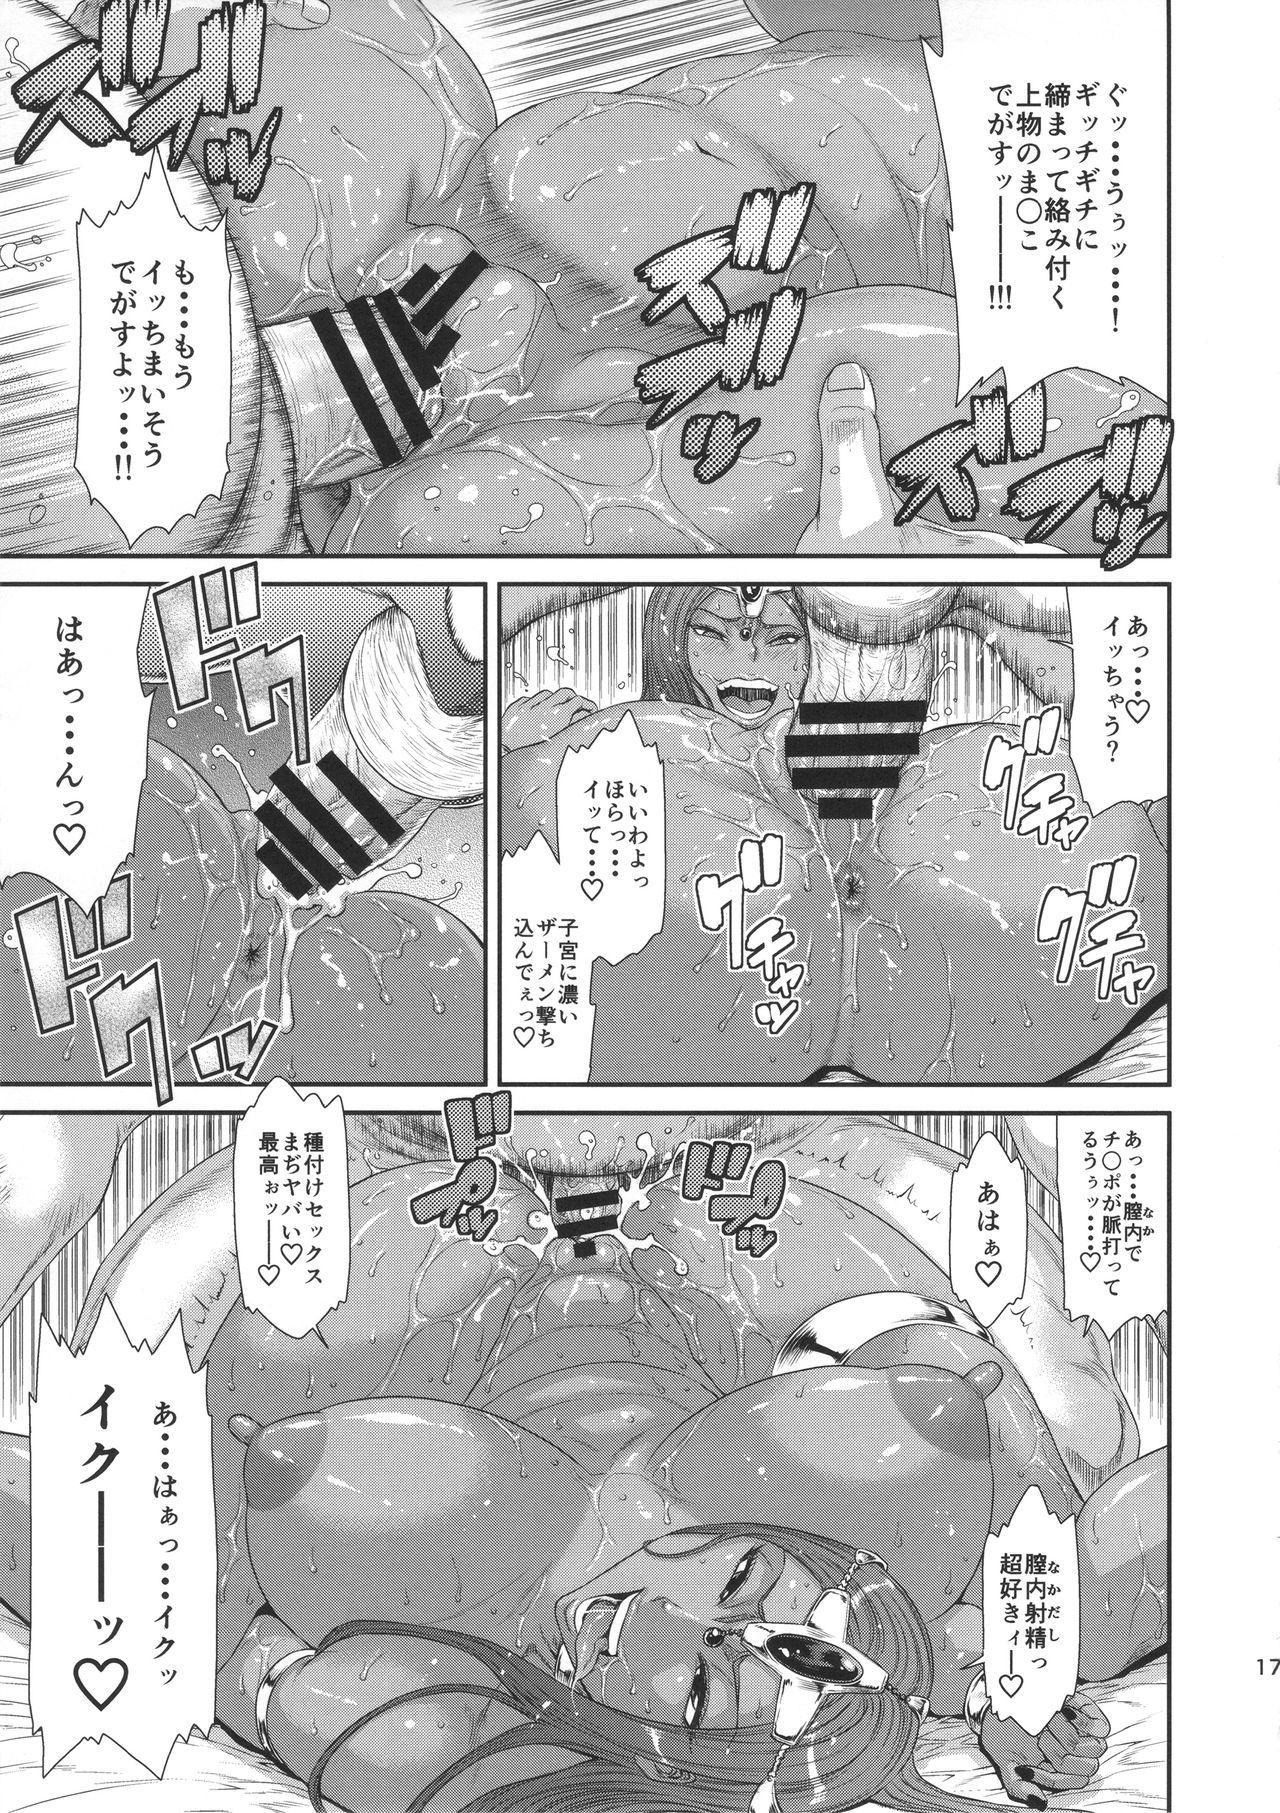 (C90) [Ozashiki (Sunagawa Tara)] MIDARA-NO-JYU (Dragon Quest IV) 15